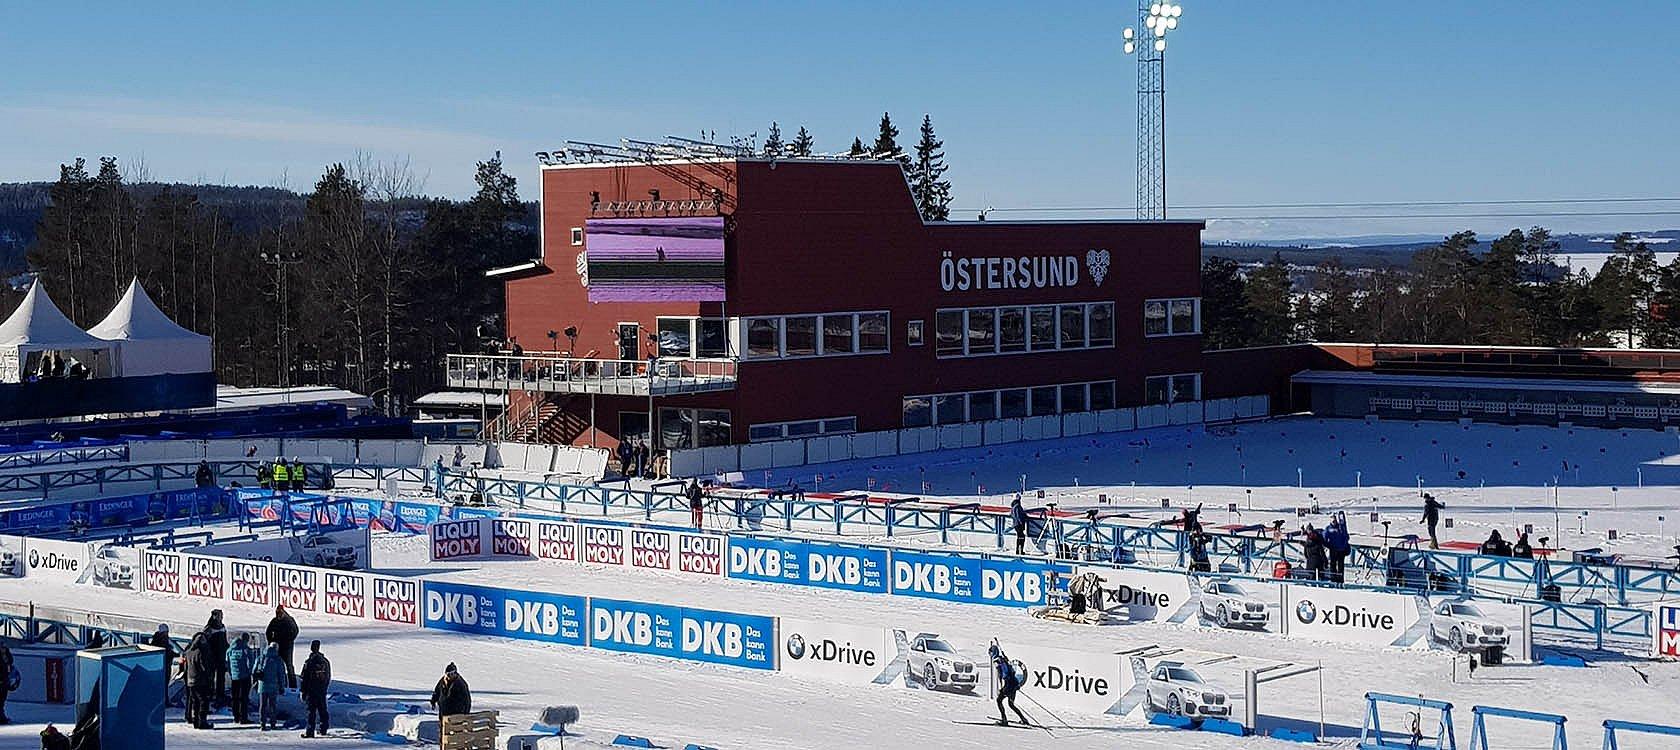 Start zur Biathlon-WM in Östersund | Swiss Ski